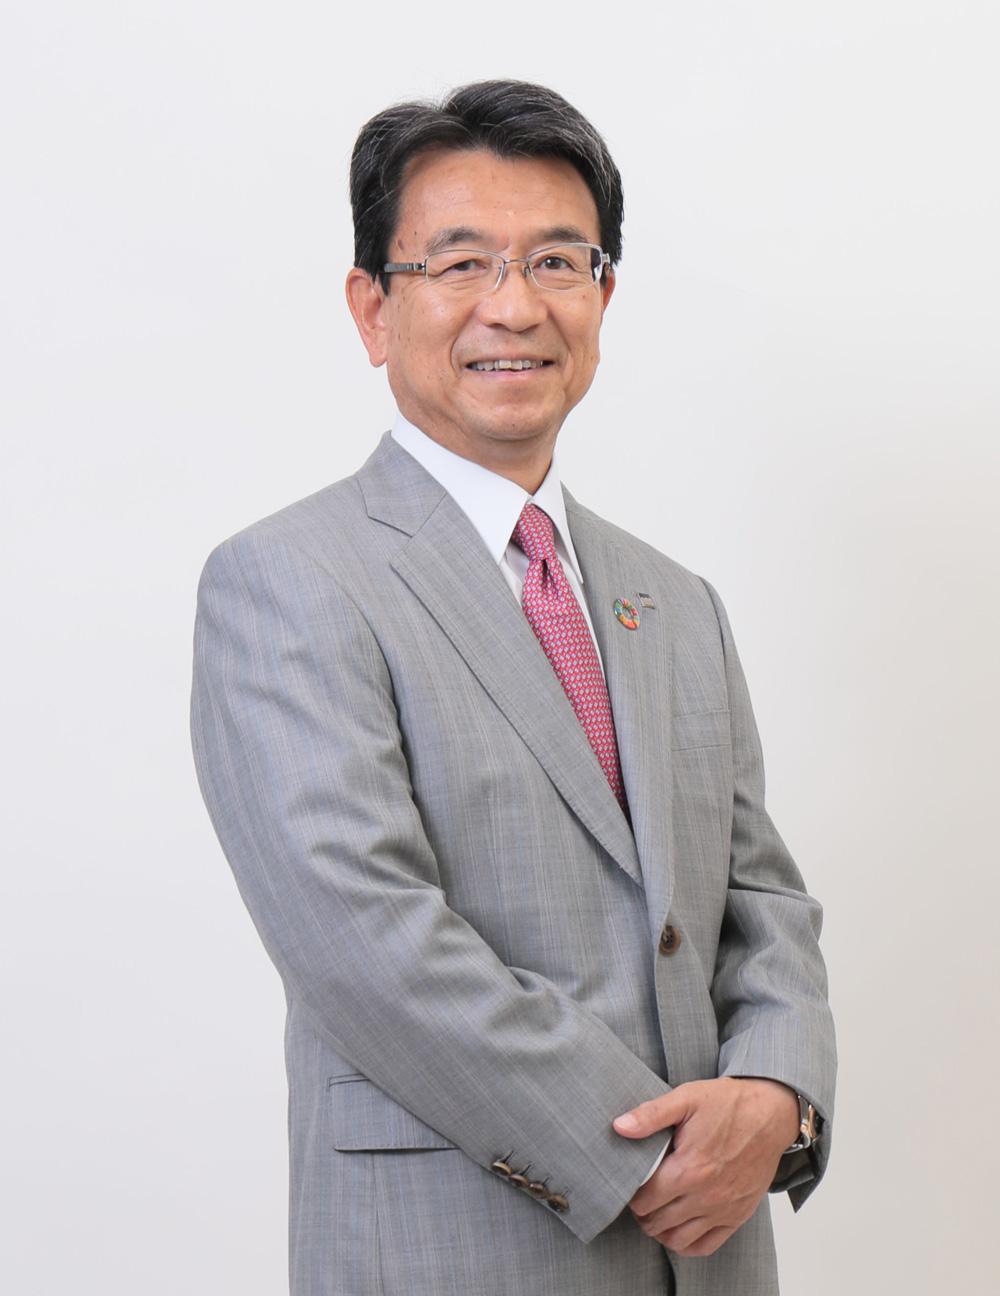 Gyo Sagara President, Representative Director, and CEO